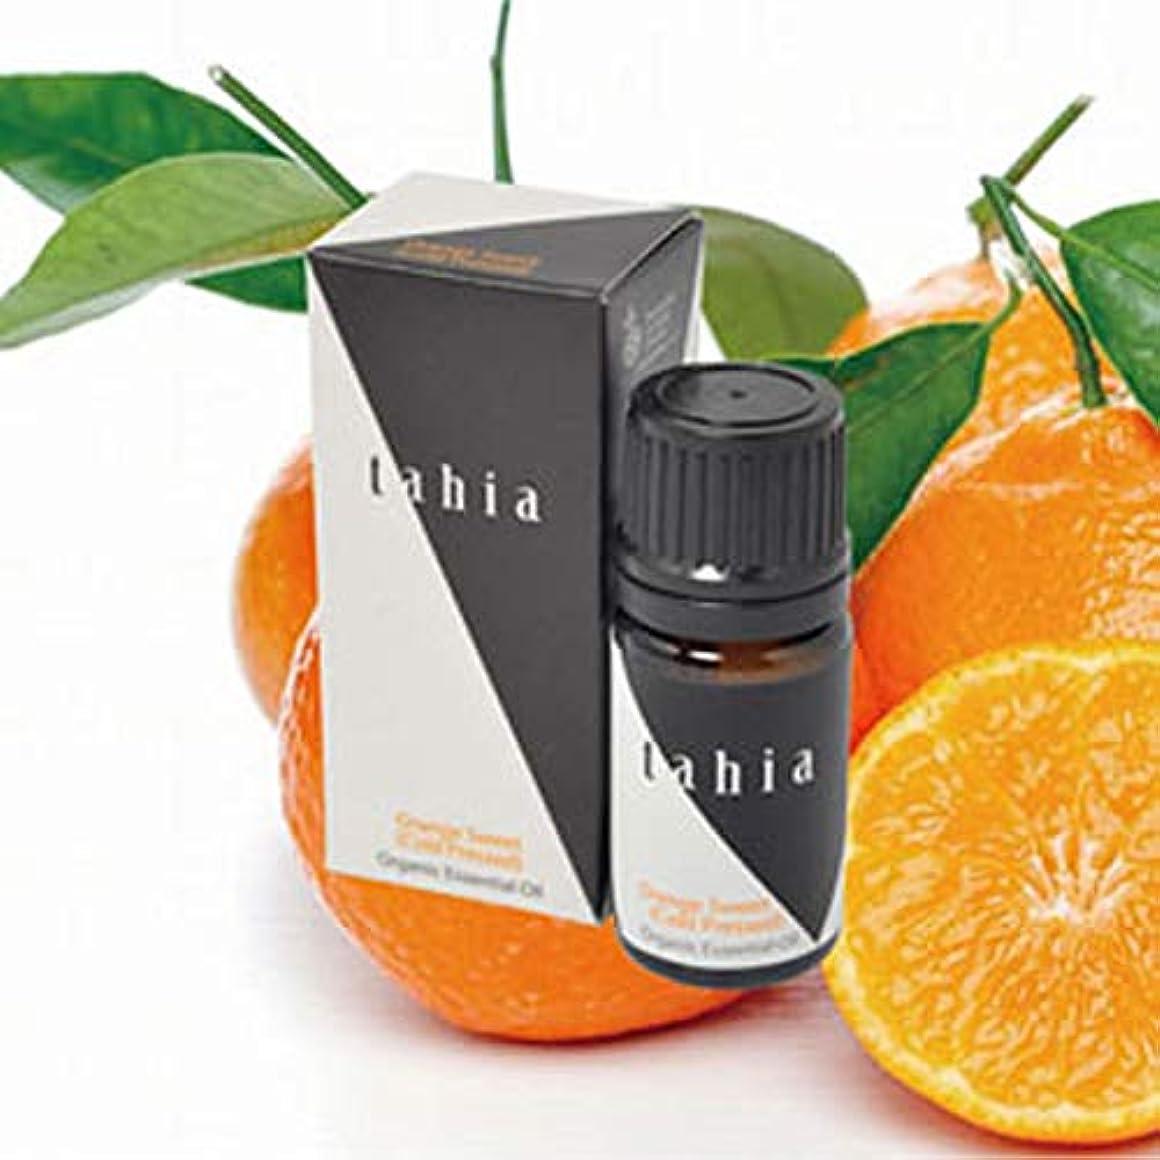 ディンカルビルアンソロジー破壊的タツフト タヒア tahia オレンジ スイート エッセンシャルオイル オーガニック 芳香 精油